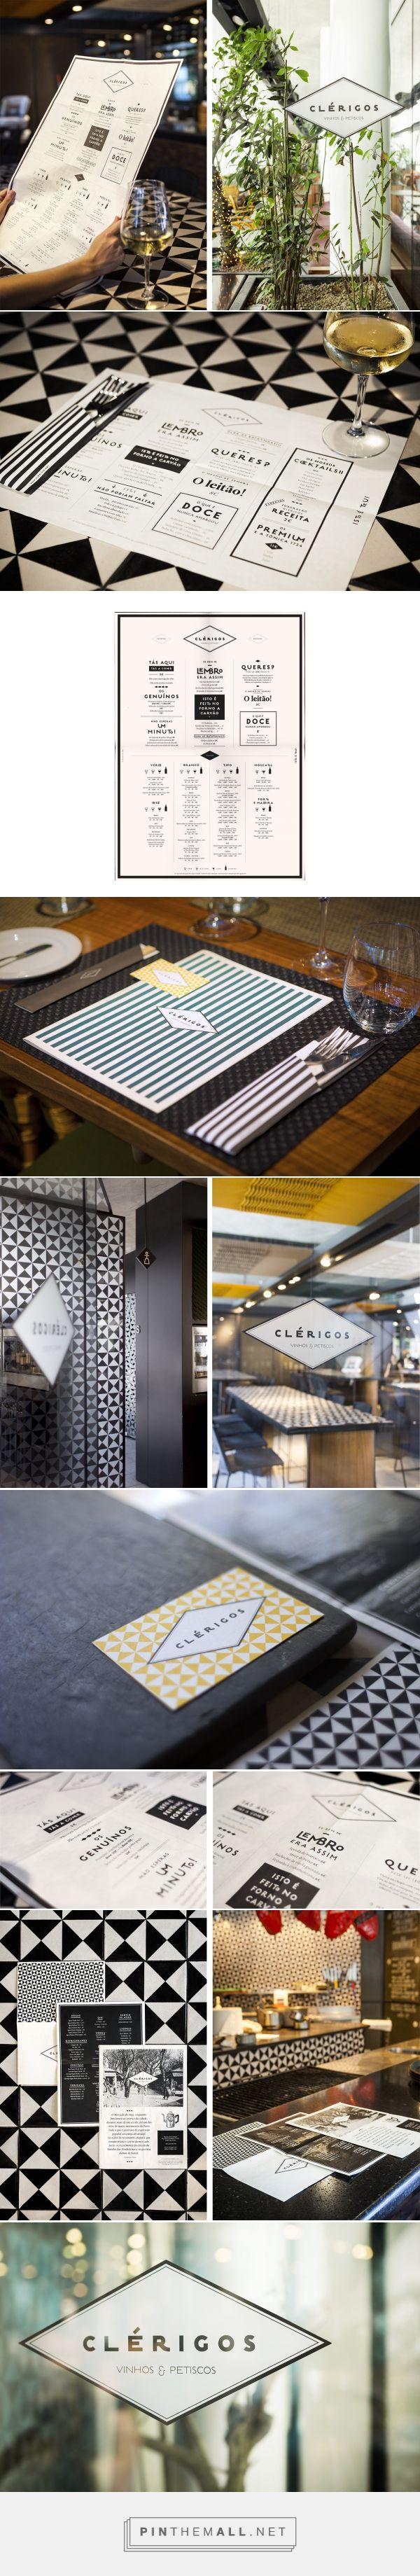 Clérigos Restaurant designed by White Studio